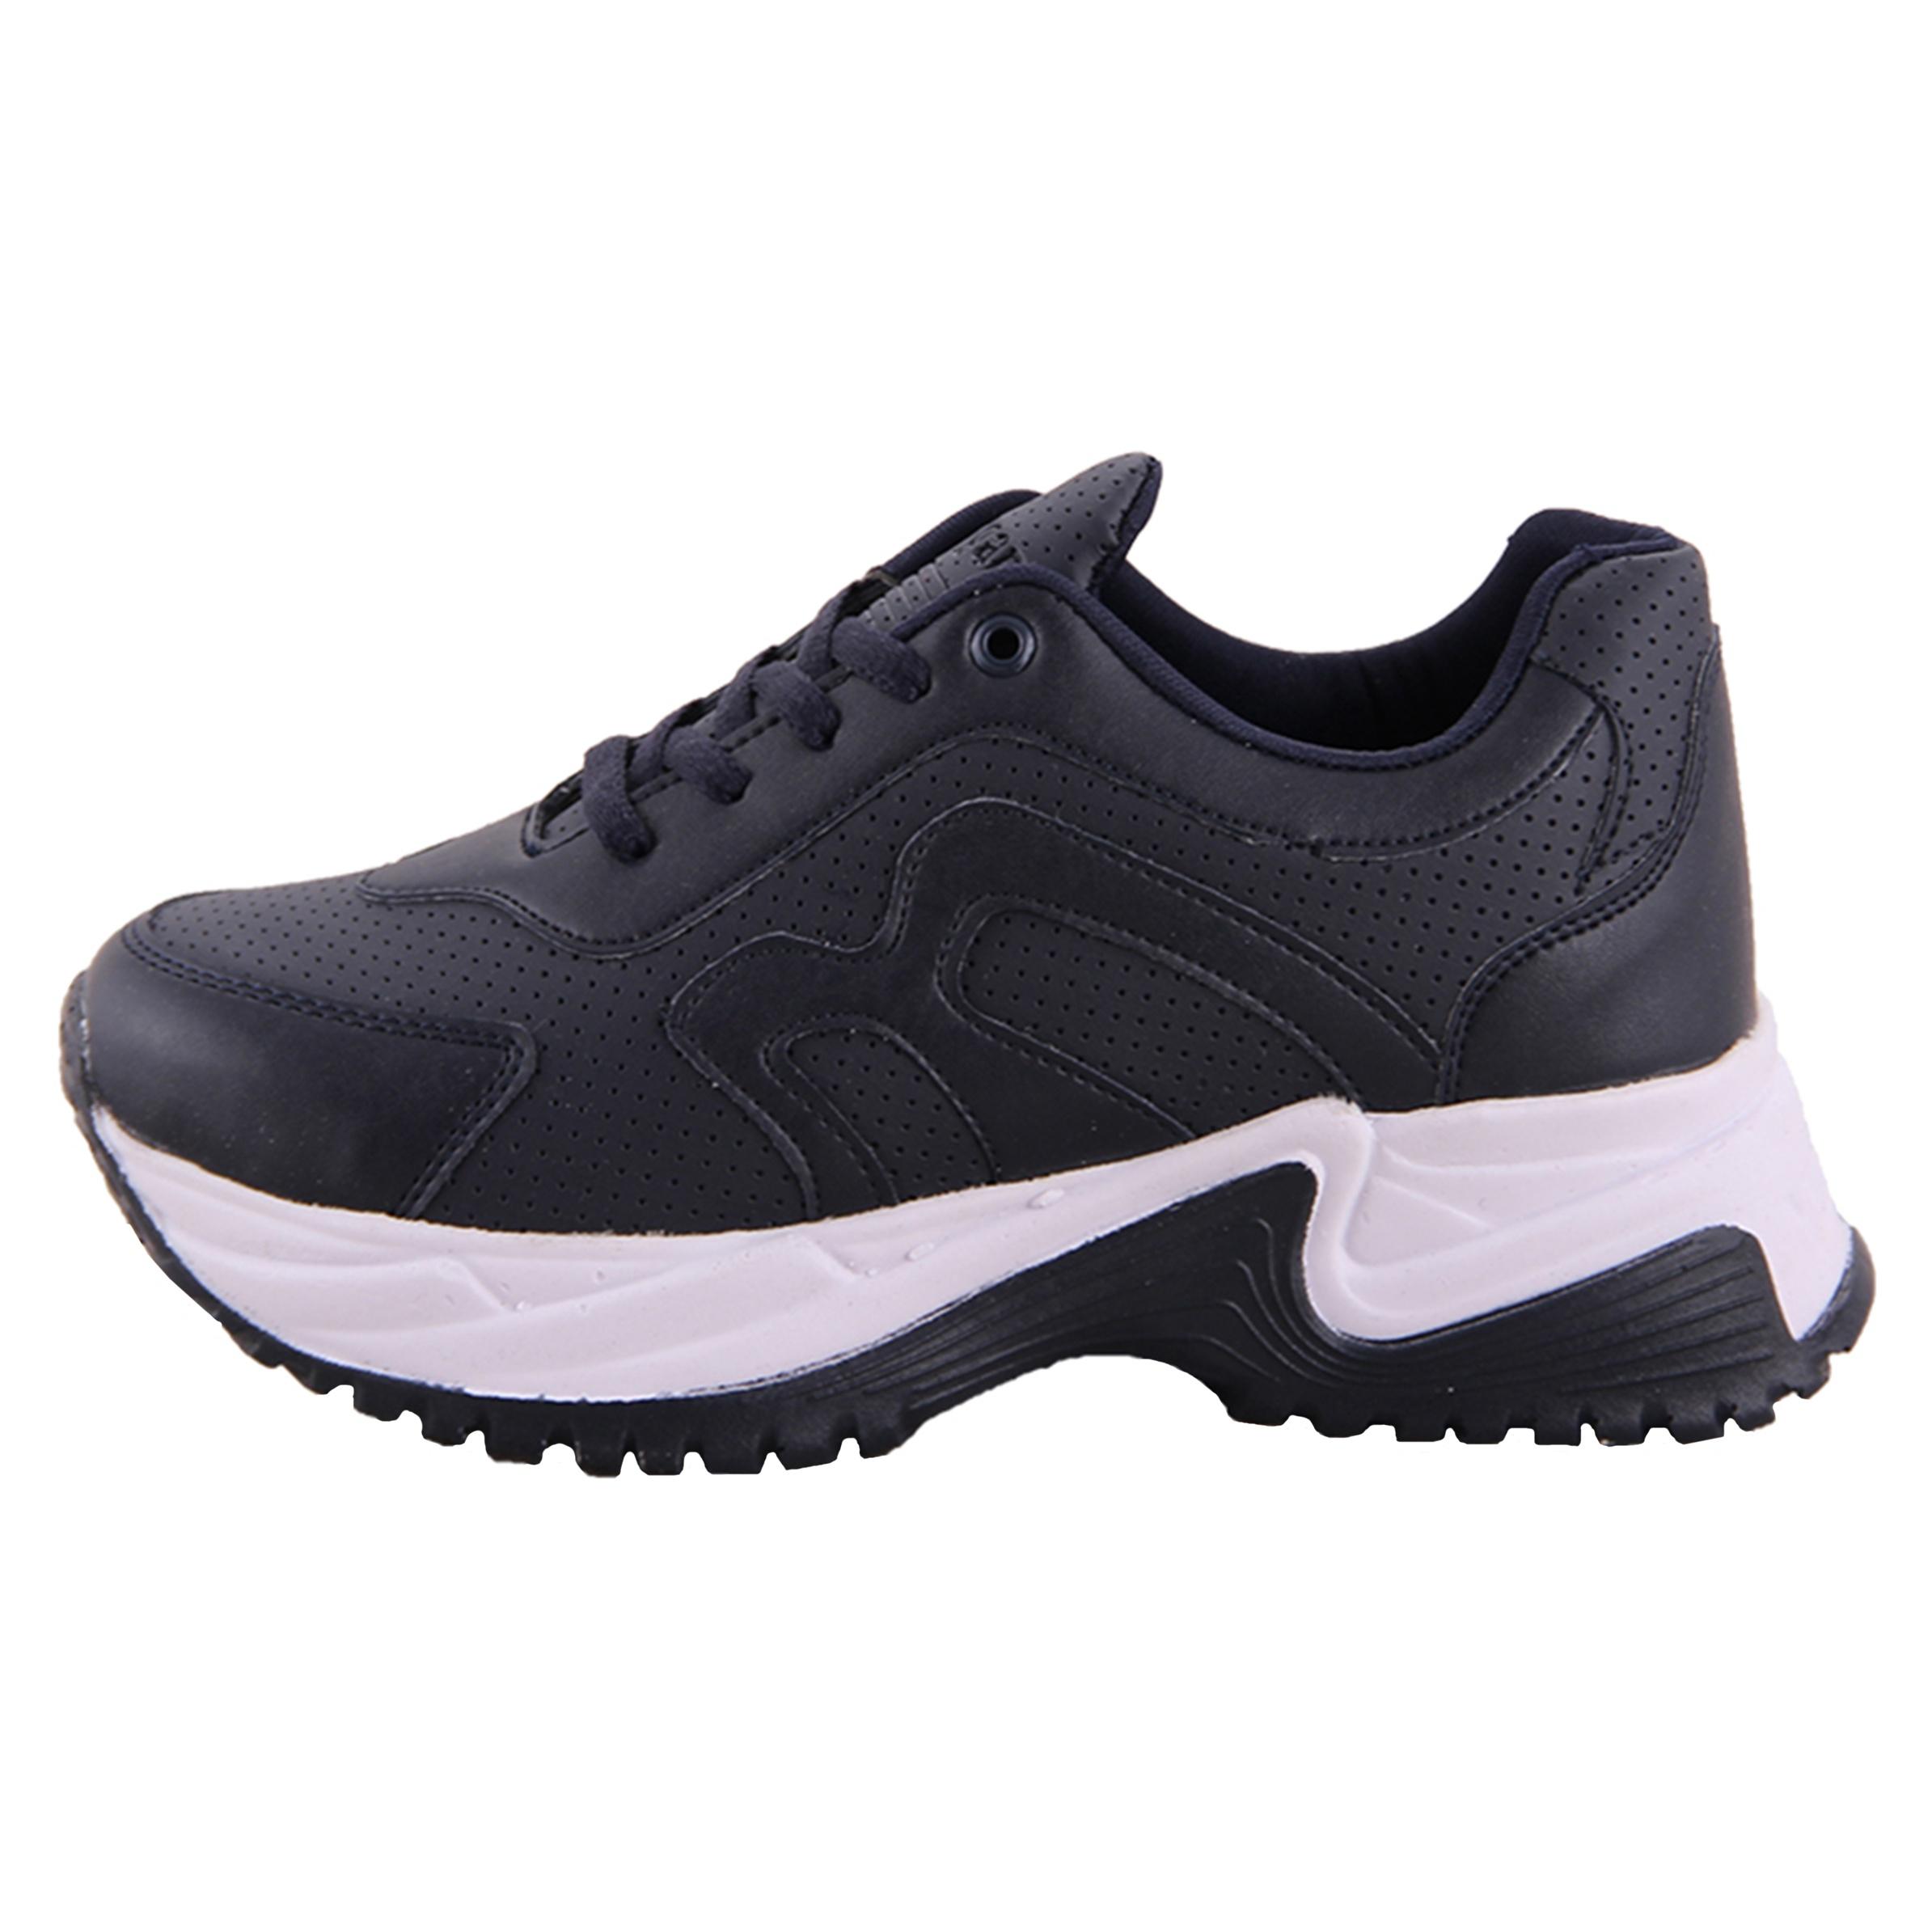 کفش مخصوص پیاده روی زنانه کد 13-39798